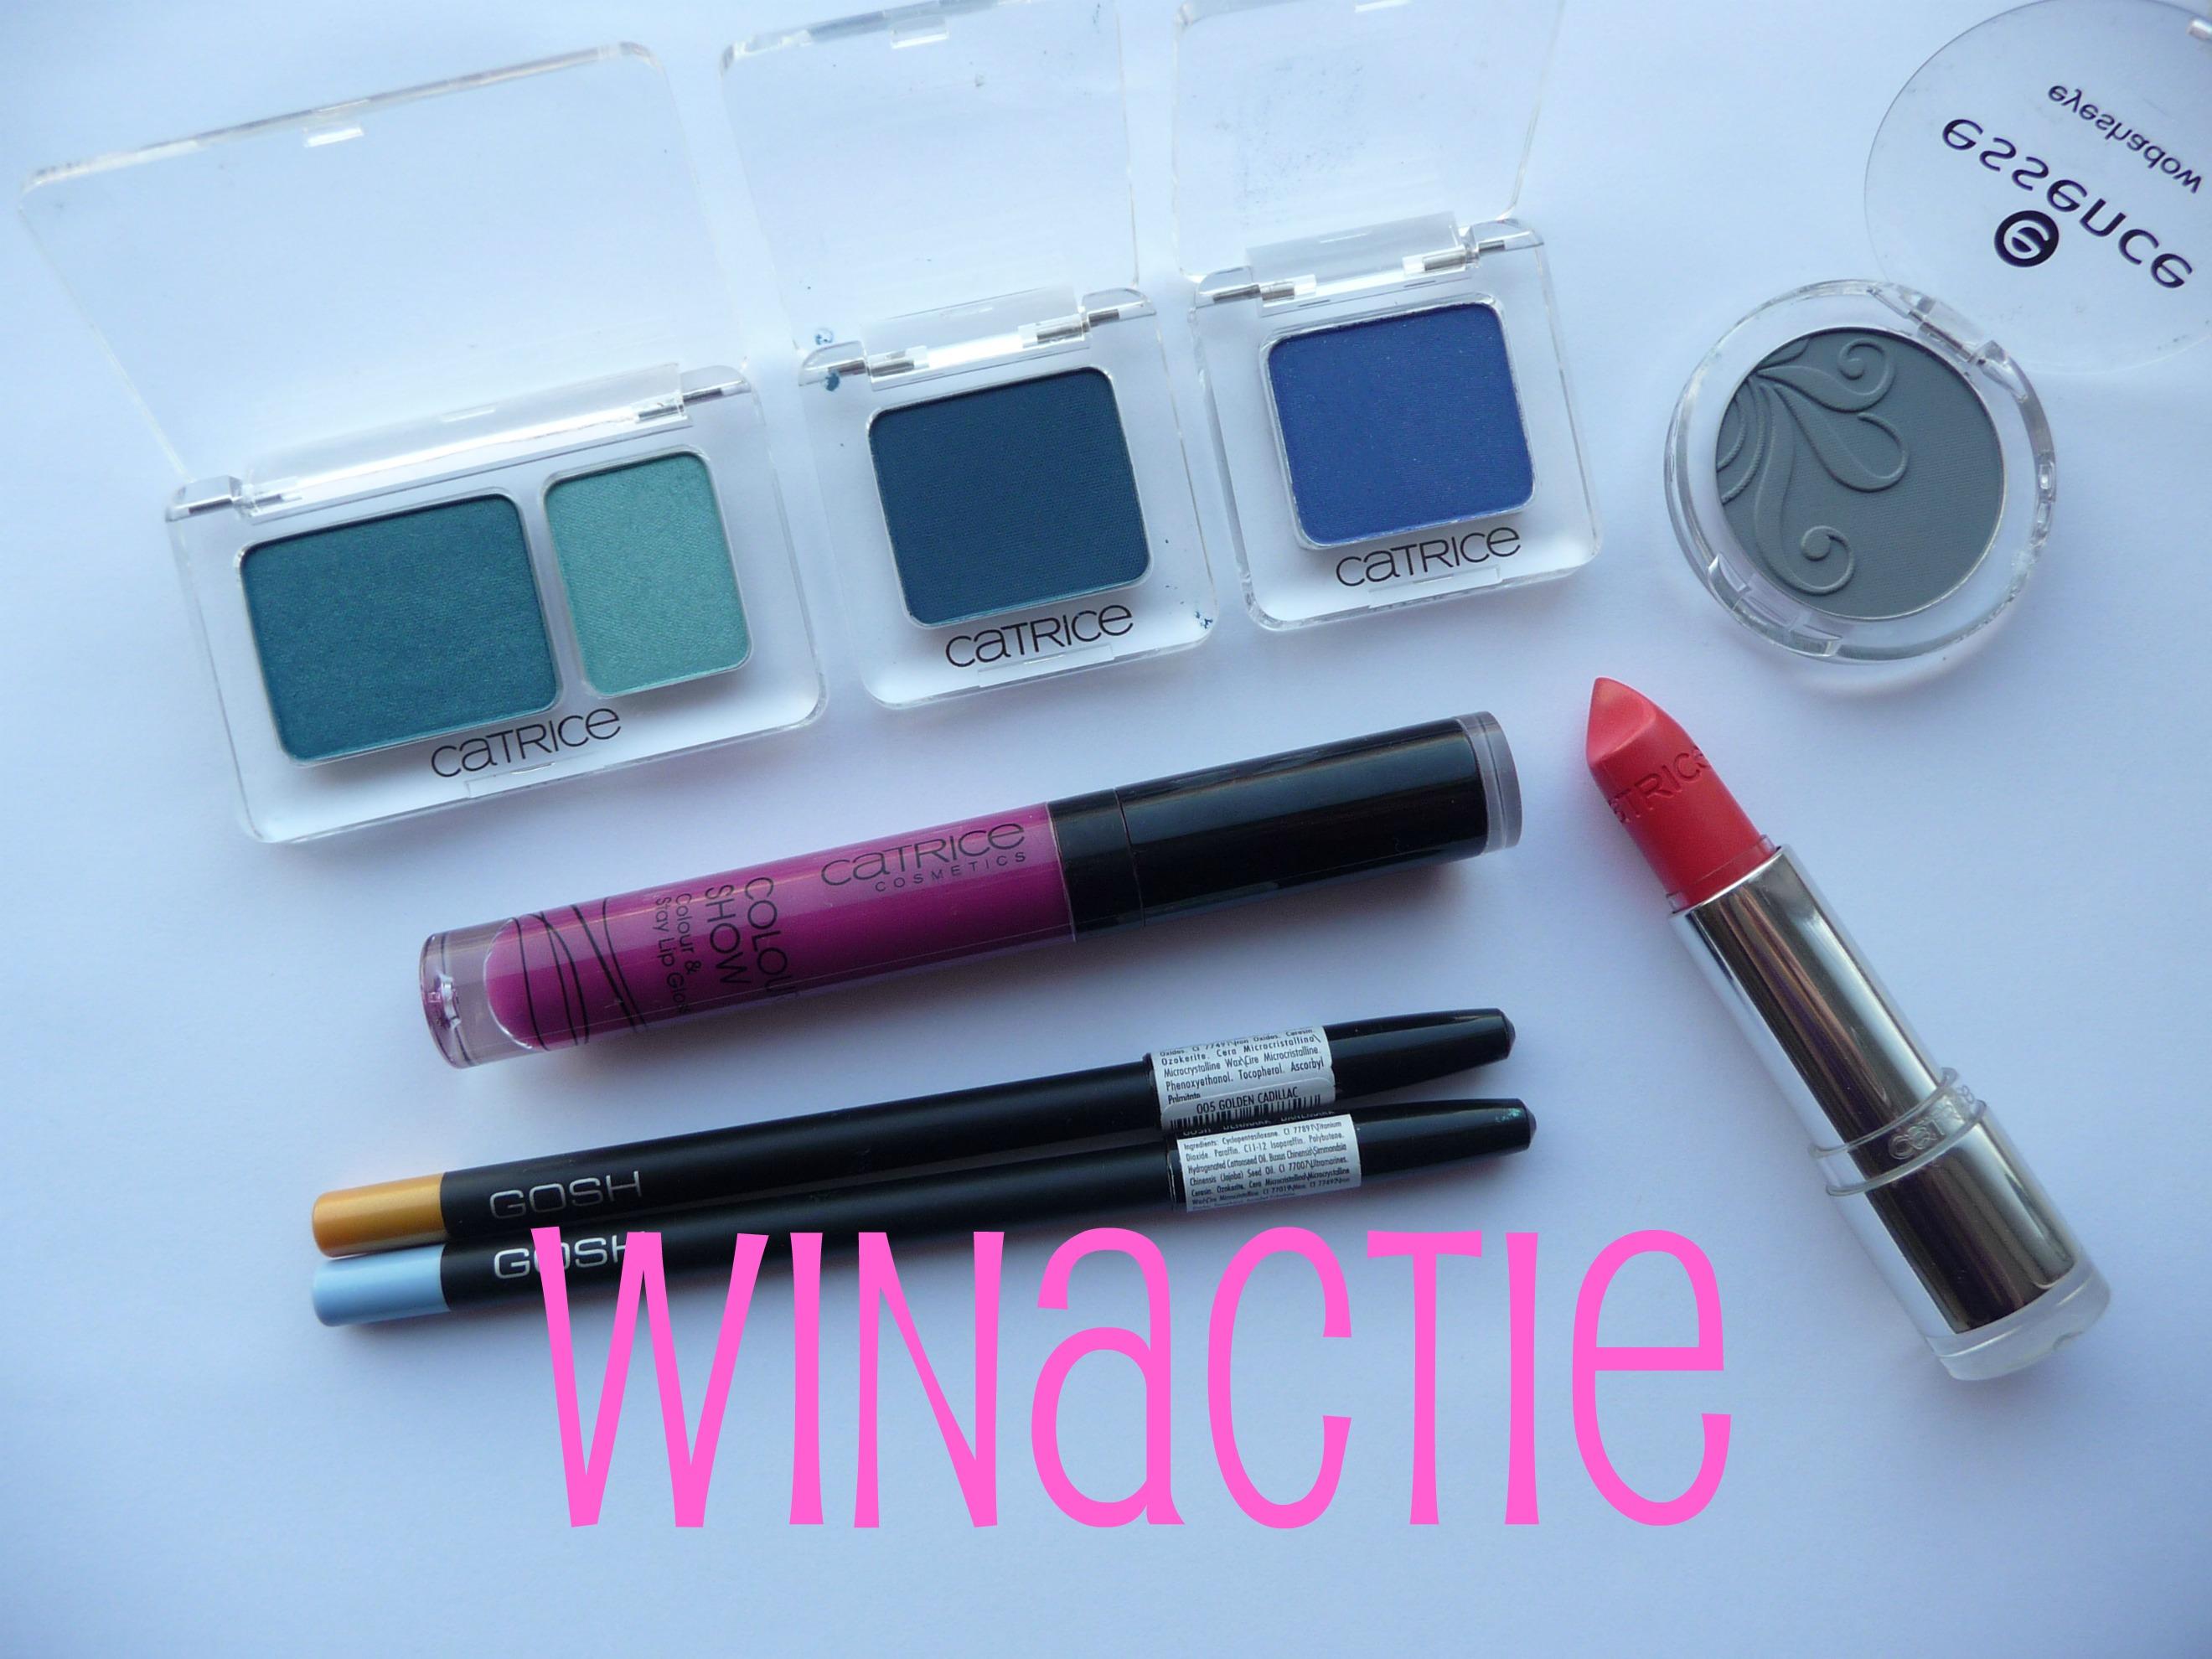 Reminder: winnen 2 make up pakketten t.w.v. € 31